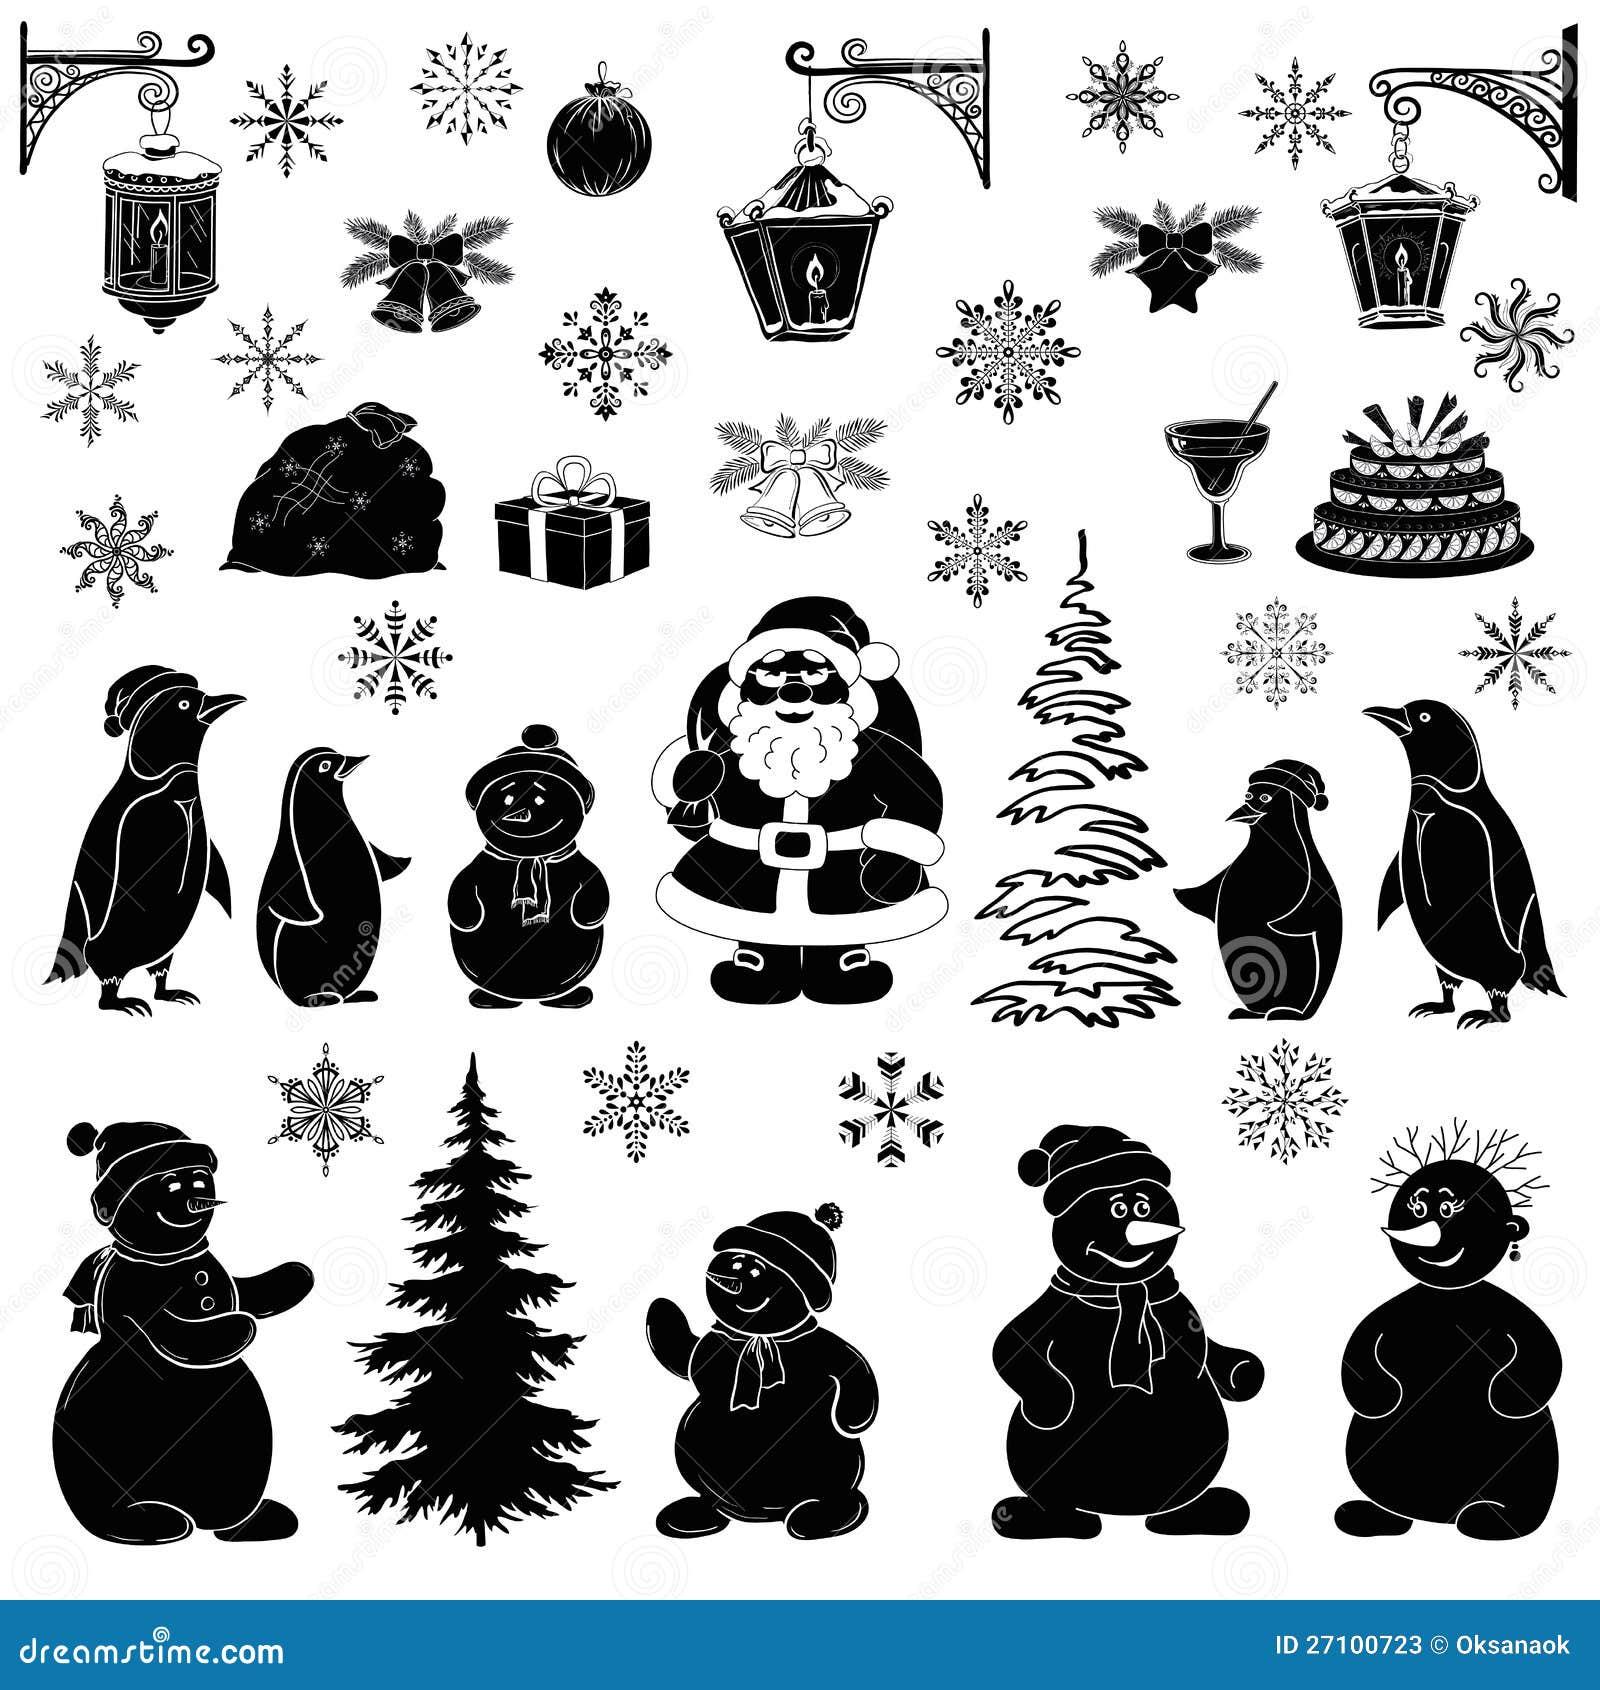 Le dessin anim de no l a plac les silhouettes noires for Silhouette de noel exterieur